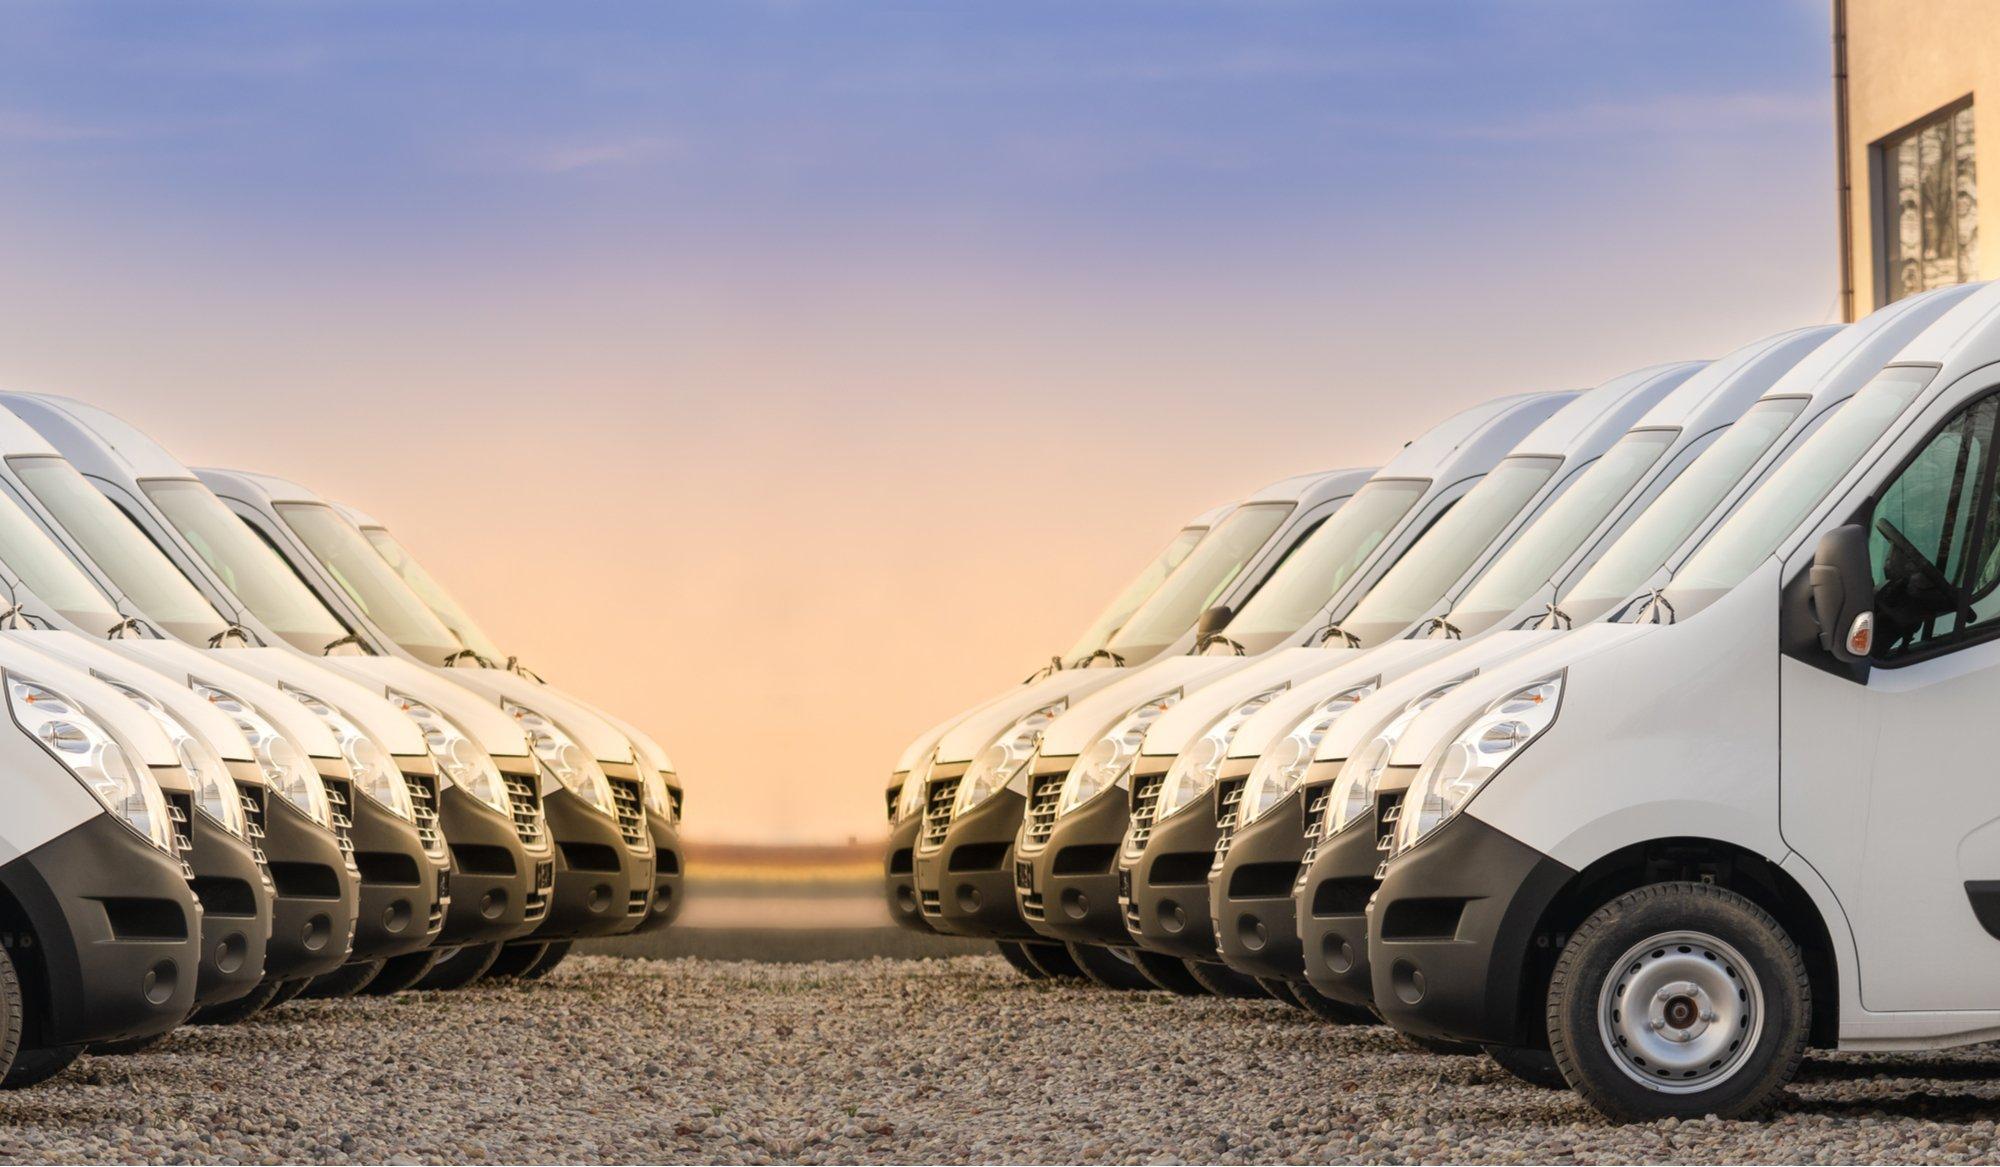 Gestion de flotte automobile : au sein de l'entreprise ou externalisée ?